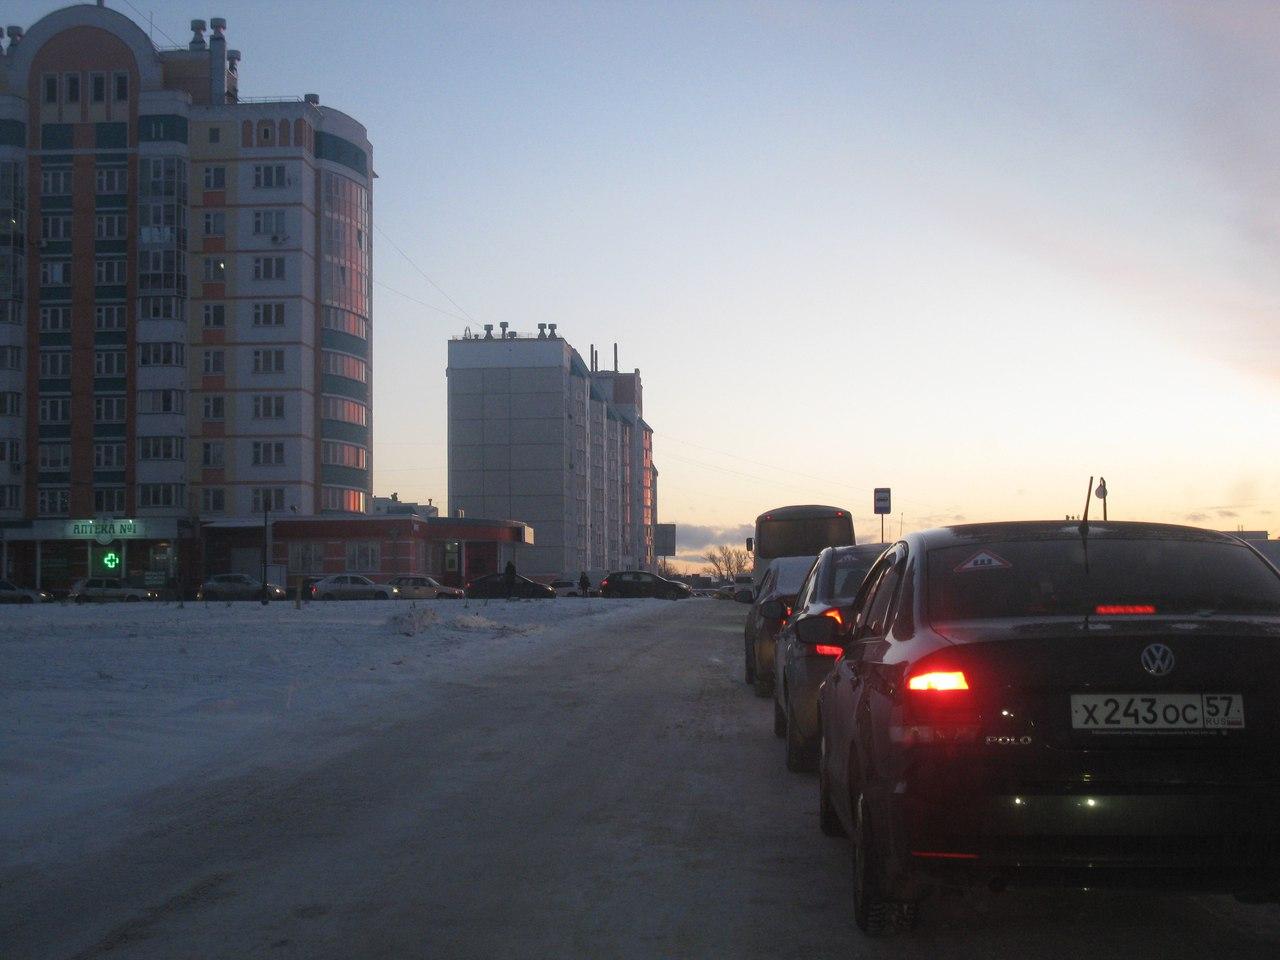 Из-за нового светофора вмикрорайоне Зареченский вОрле сформировалась пробка